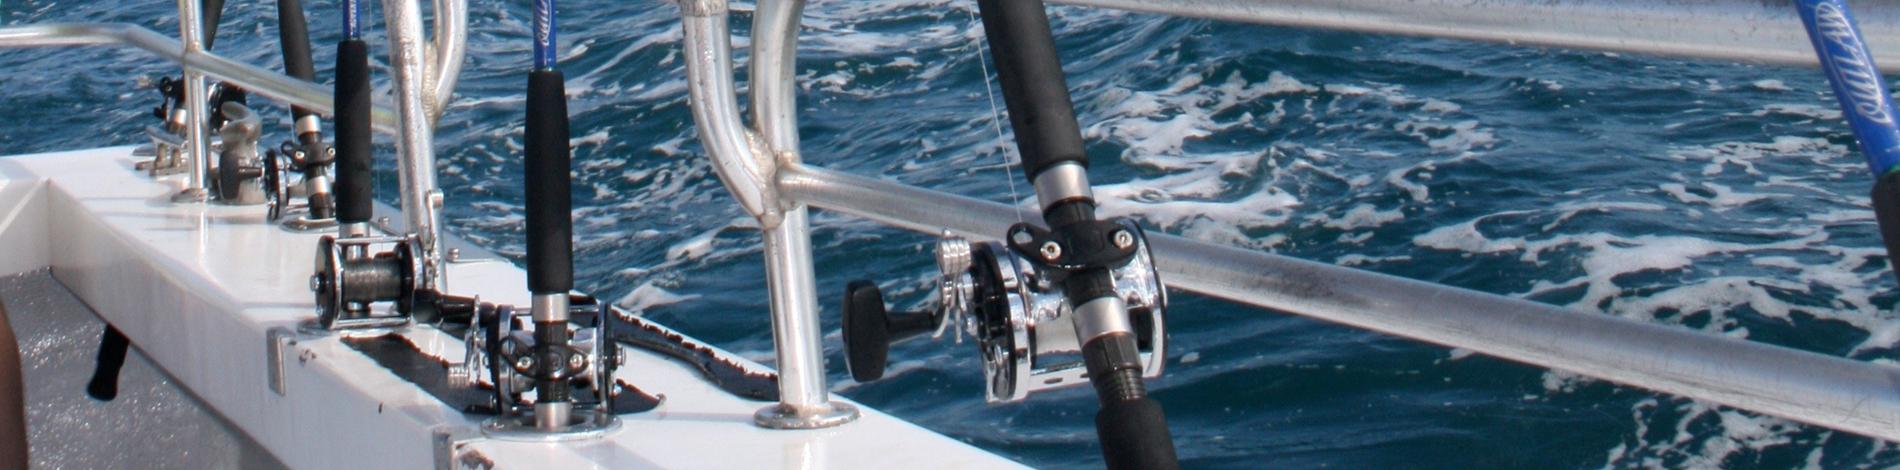 fishing charter 3